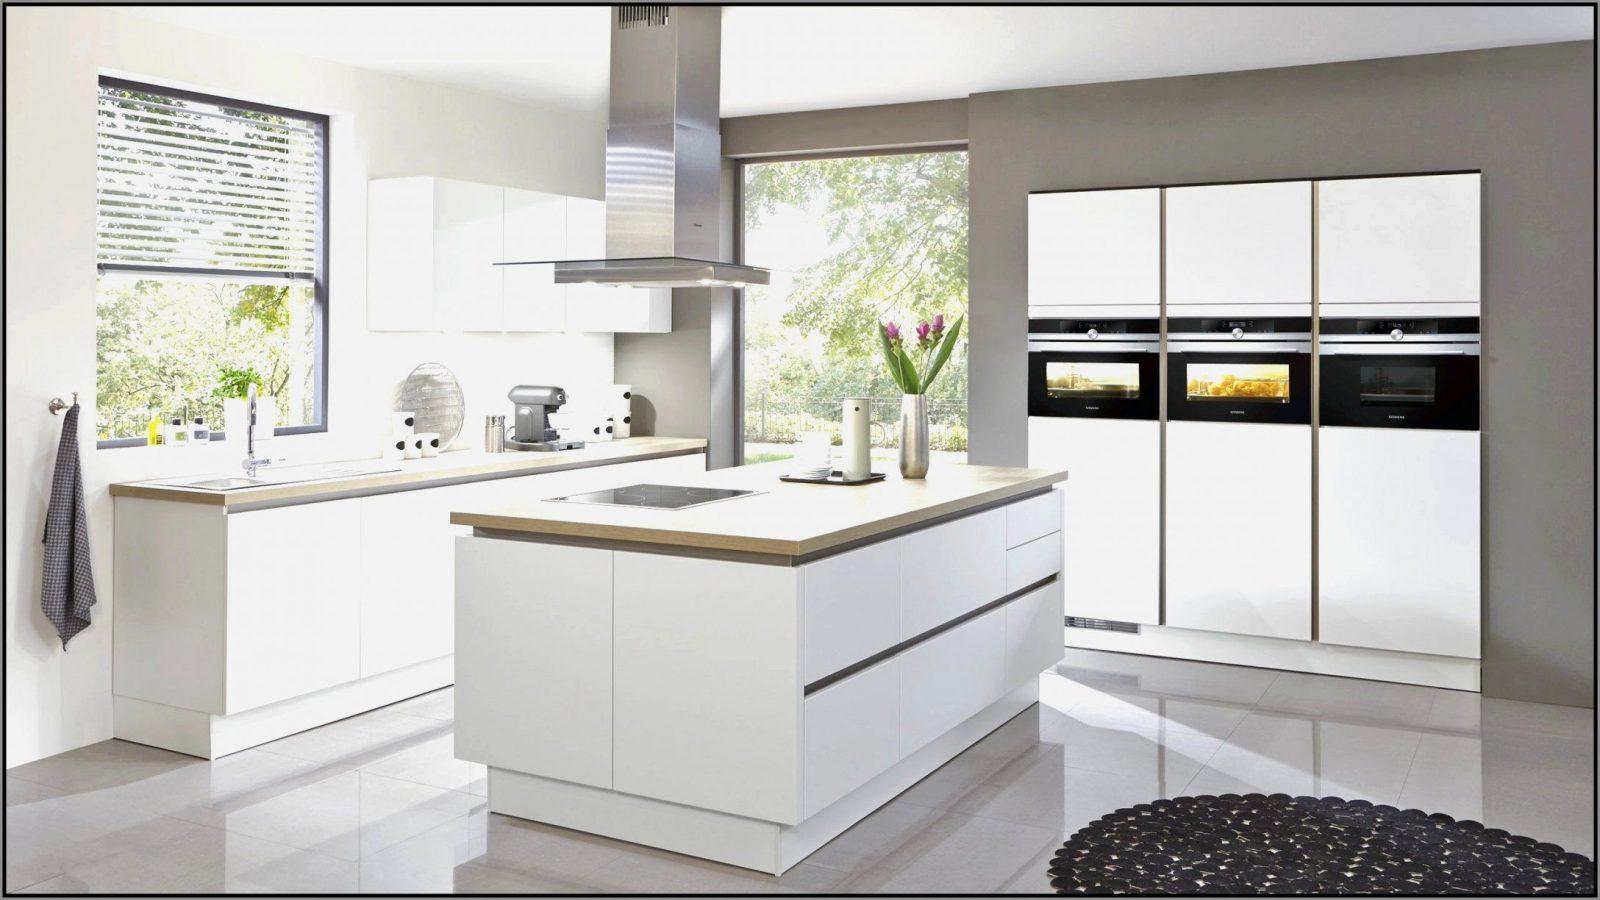 Küche U Form Mit Theke Luxury Fene Küche Mit Kochinsel Deko Idee von Küchen U Form Mit Kochinsel Bild